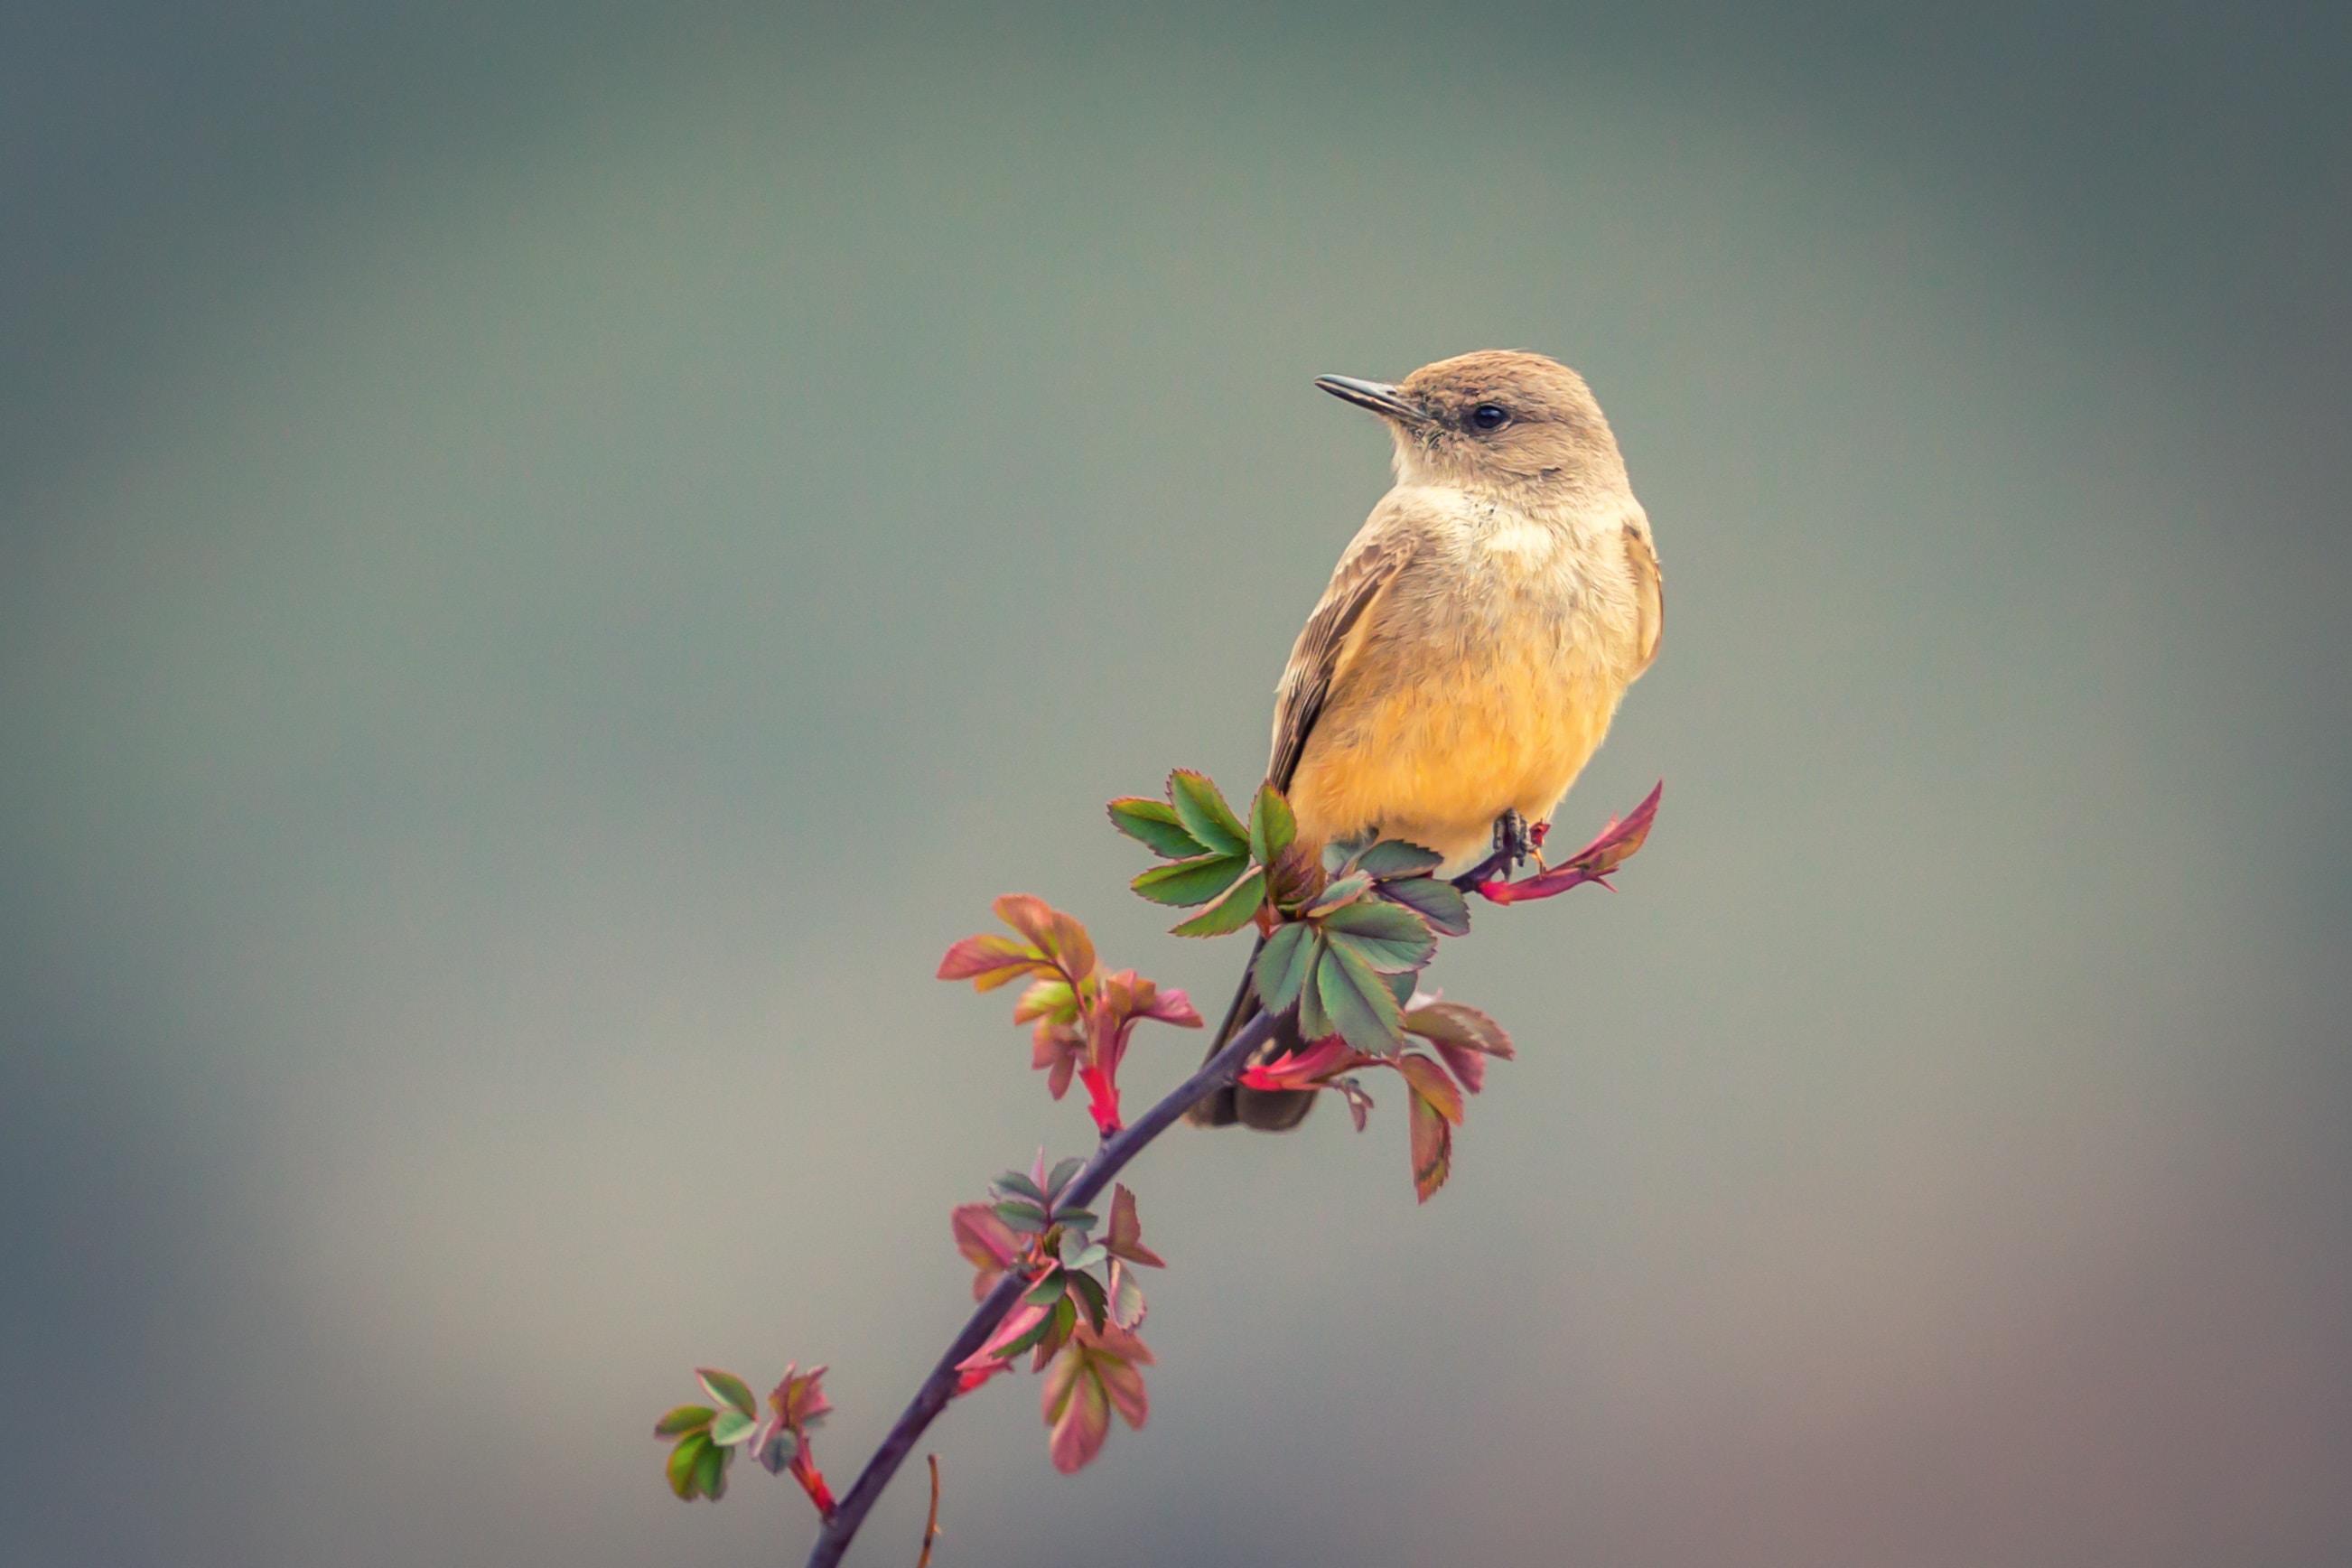 yellow short-beaked bird